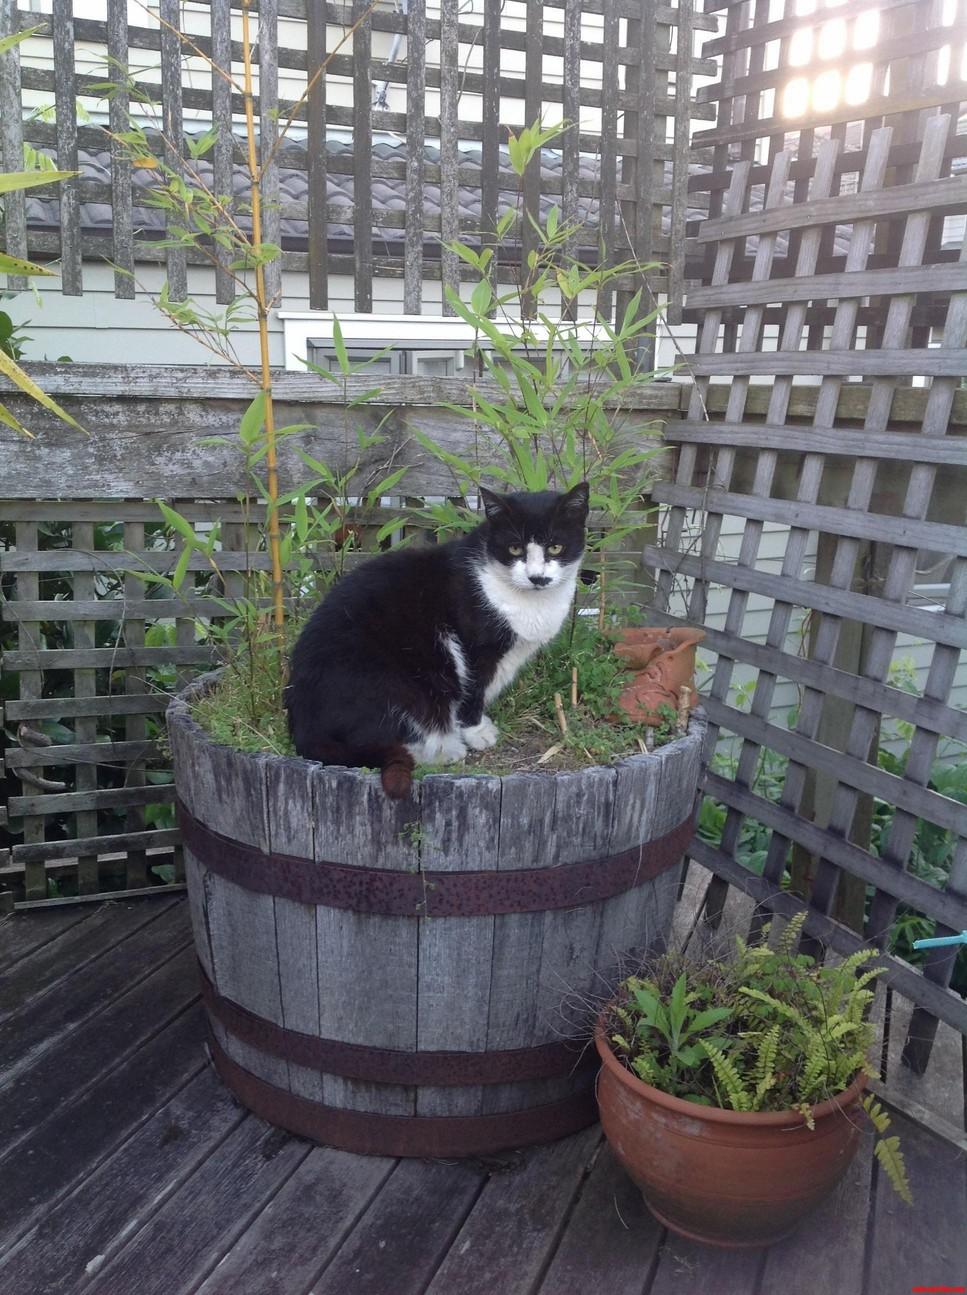 Pandacat In Its Natural Habitat